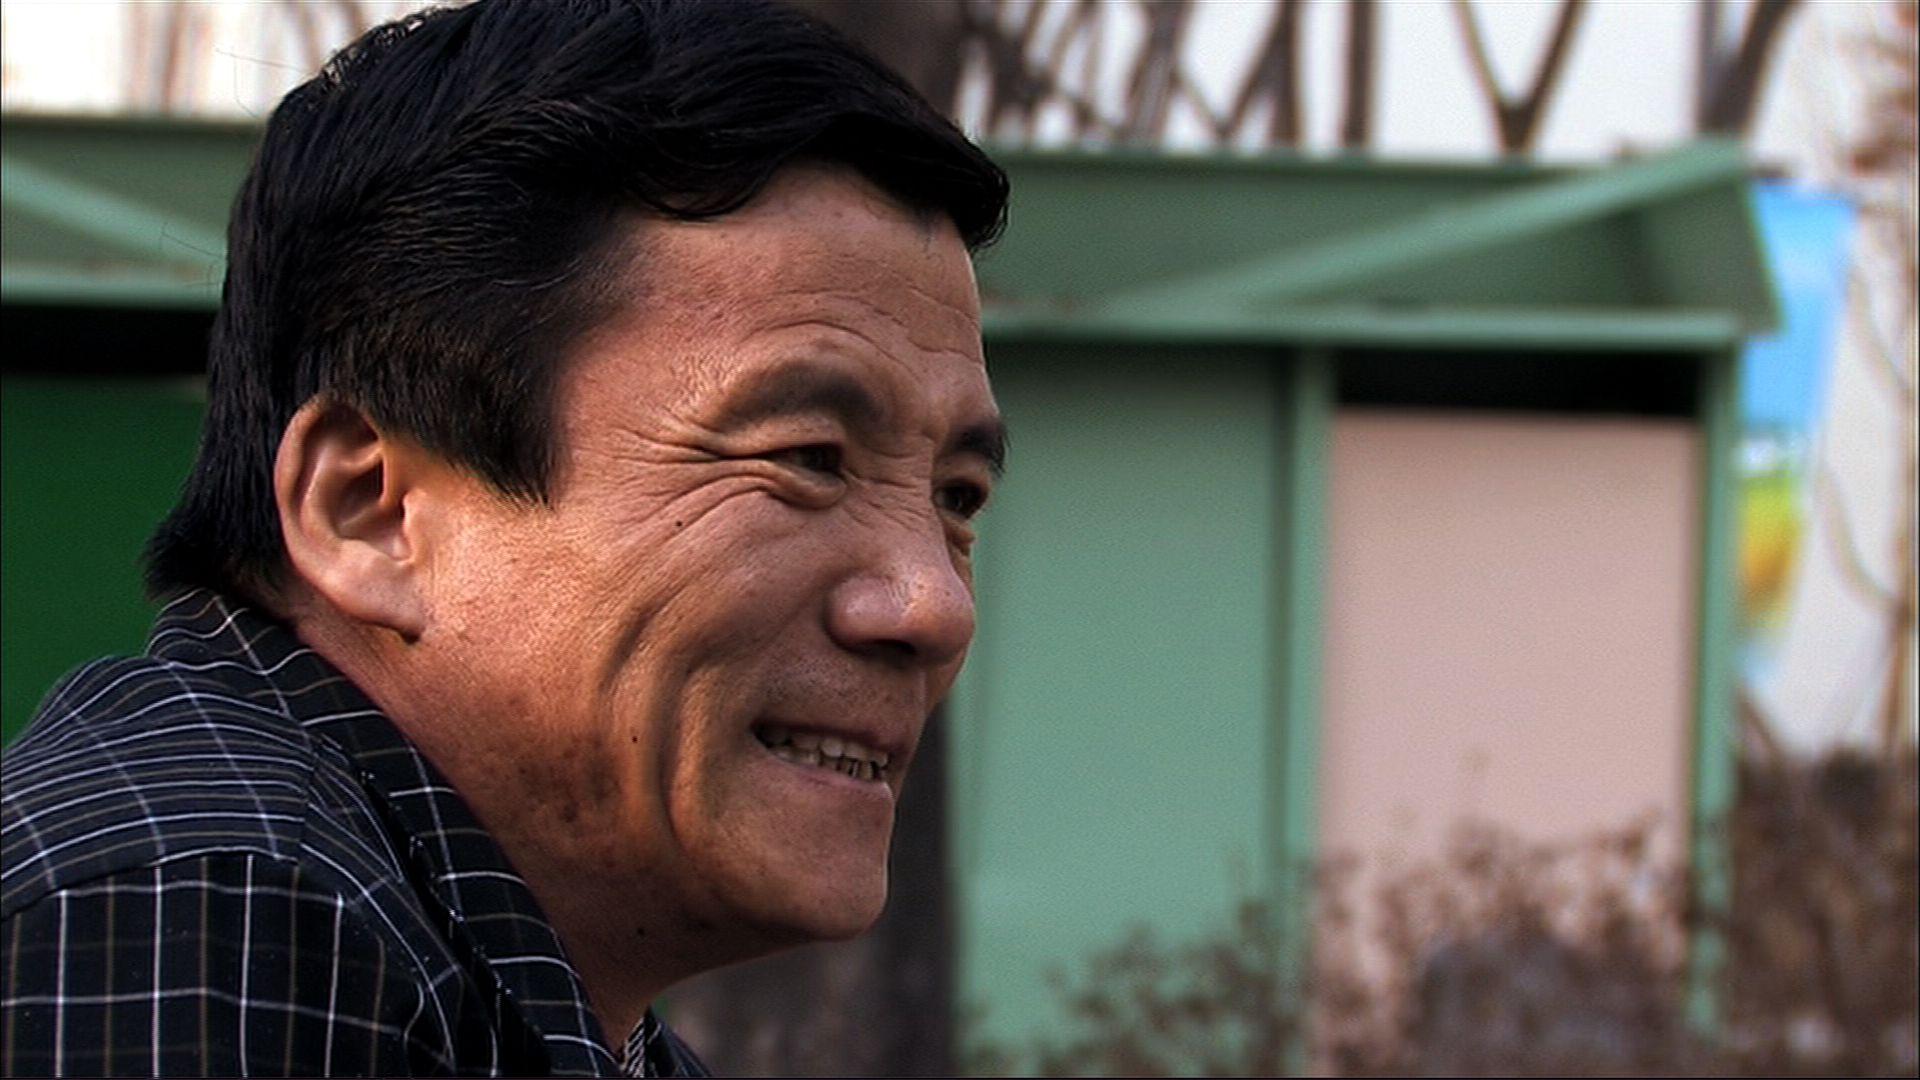 An image from Kimjongilia